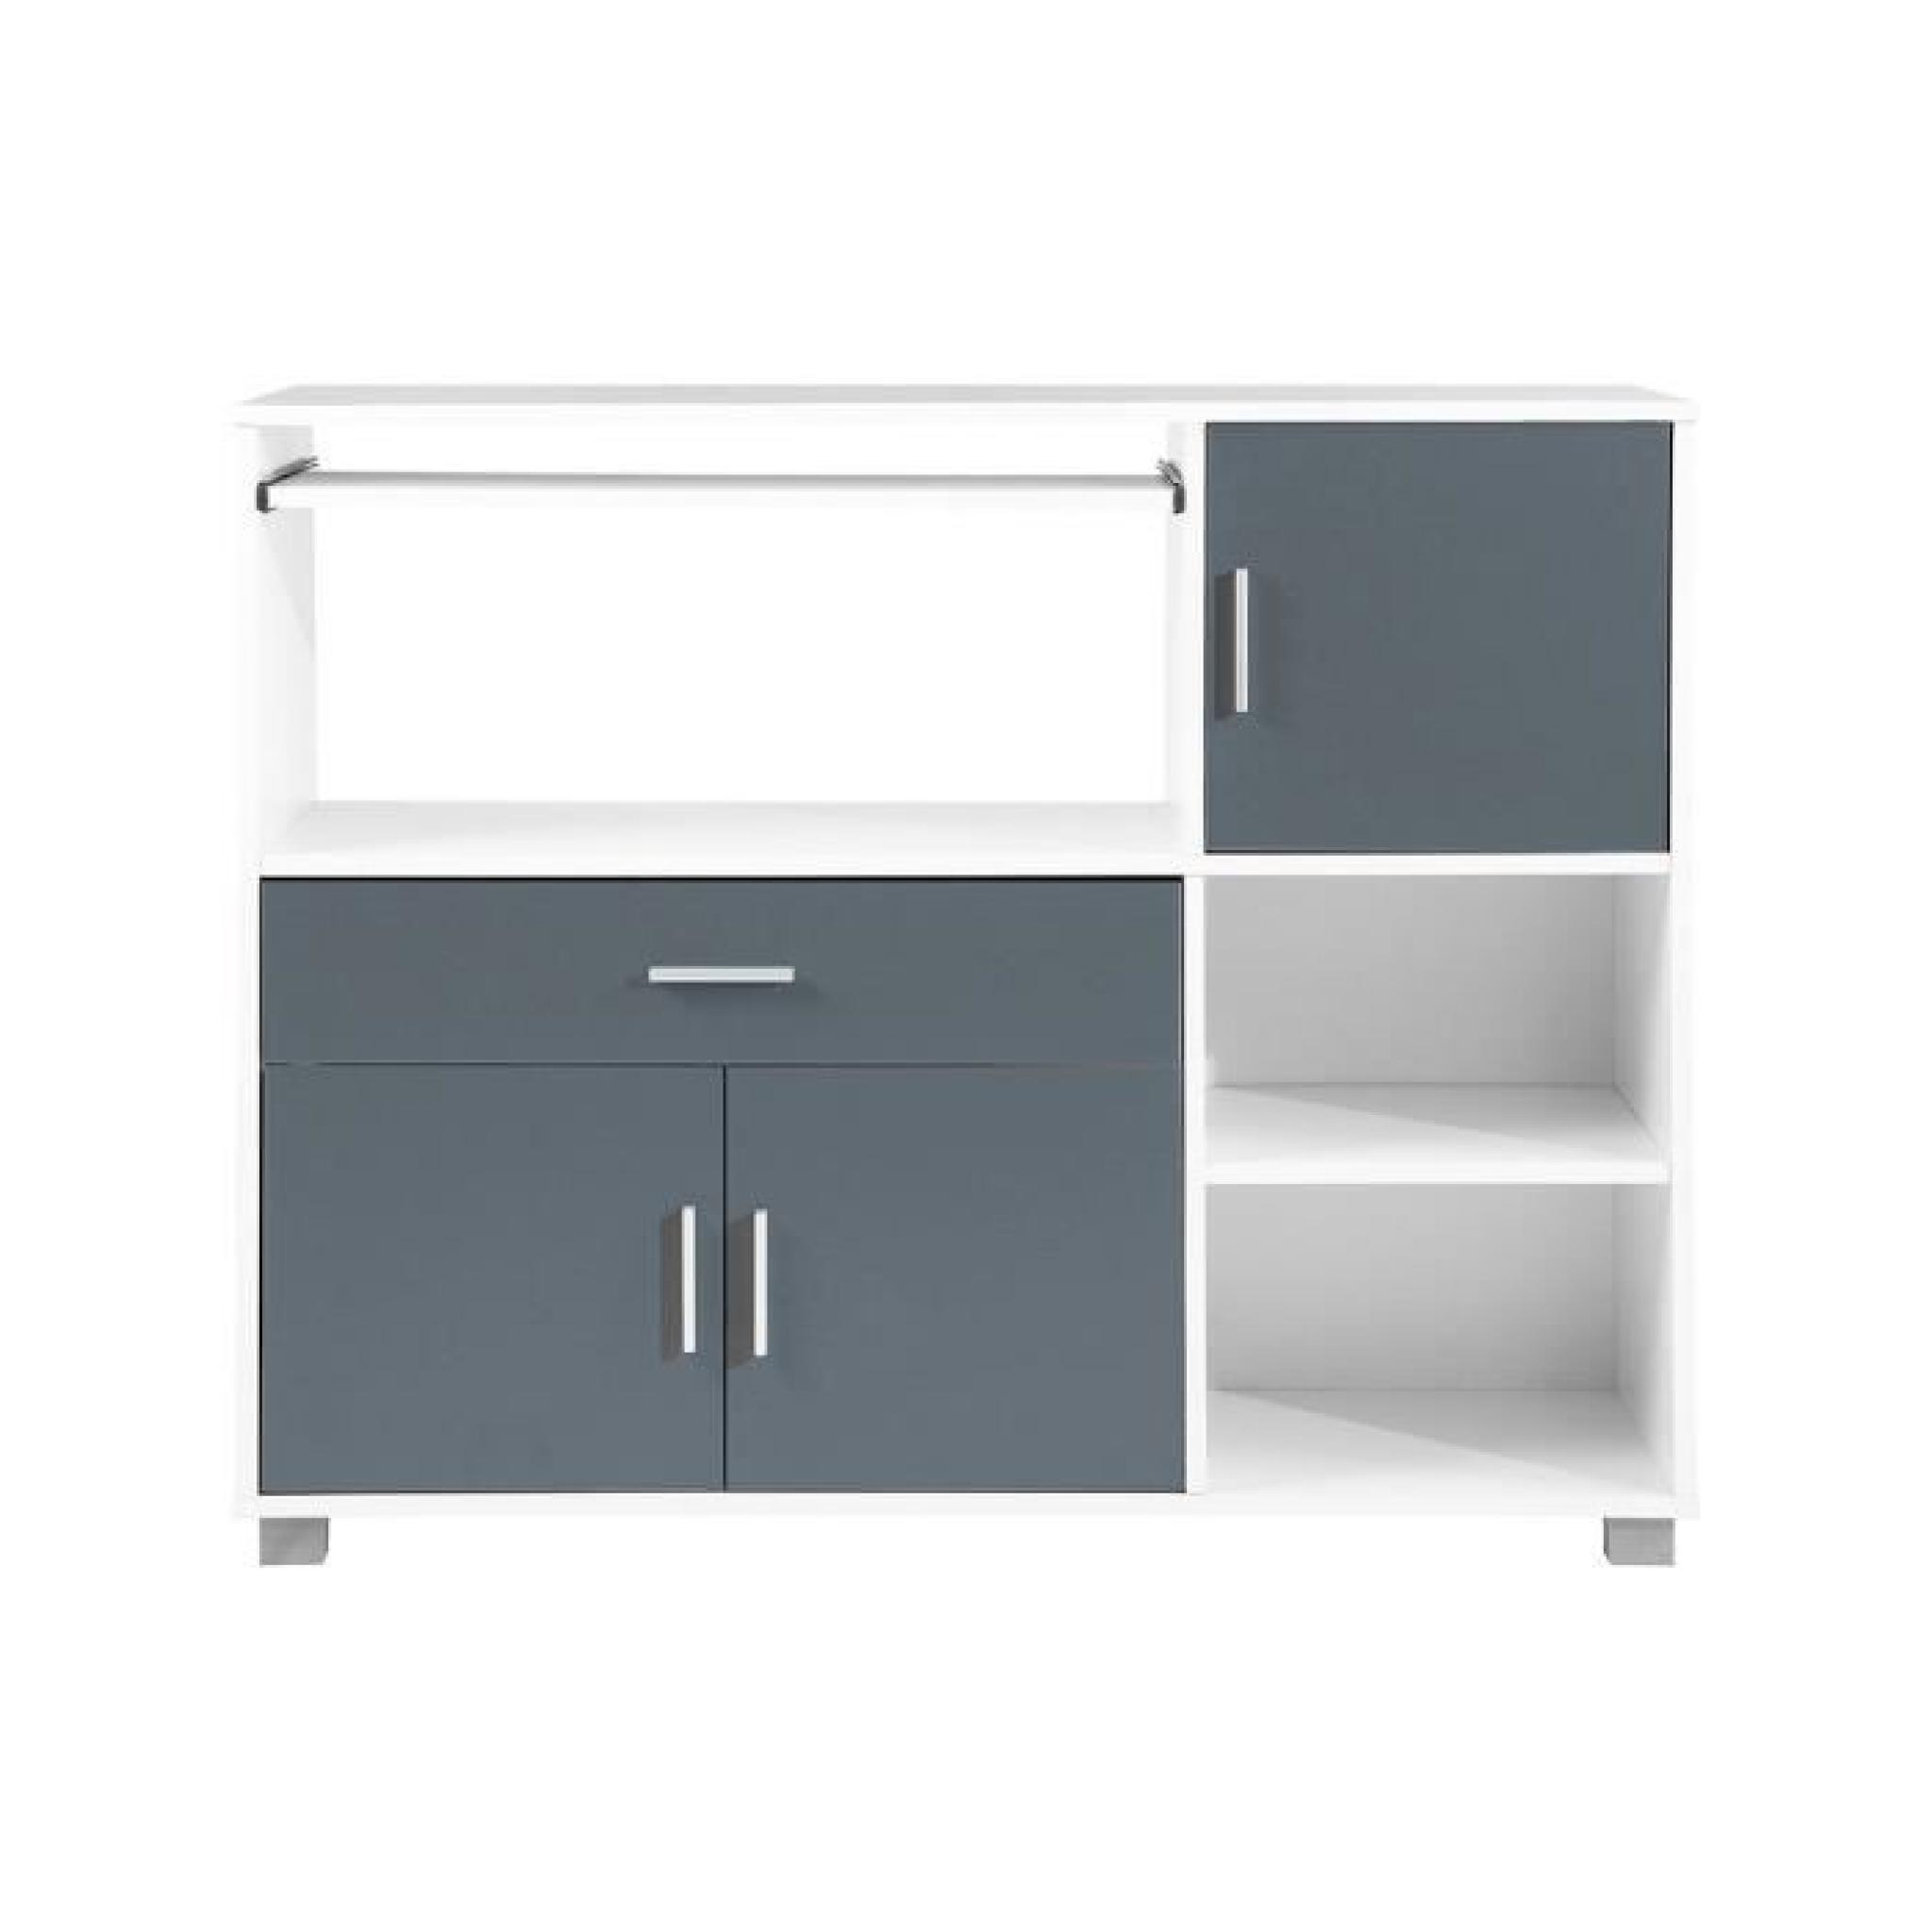 Bari buffet de cuisine 110 cm blanc et gris achat for Buffet bas de cuisine pas cher